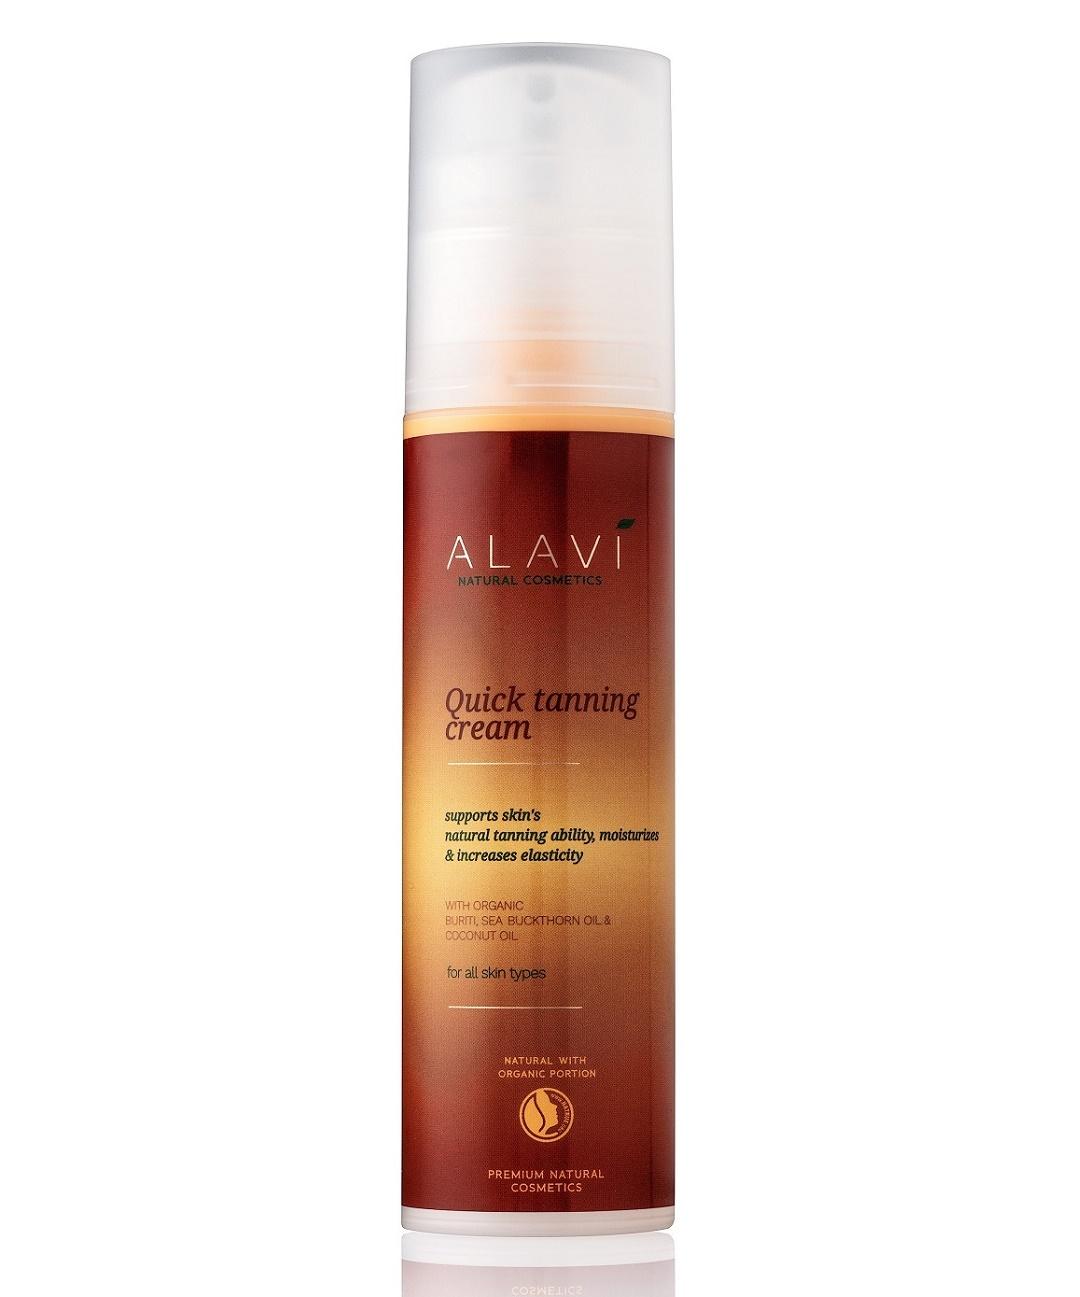 Alavi Quick Tanning Cream